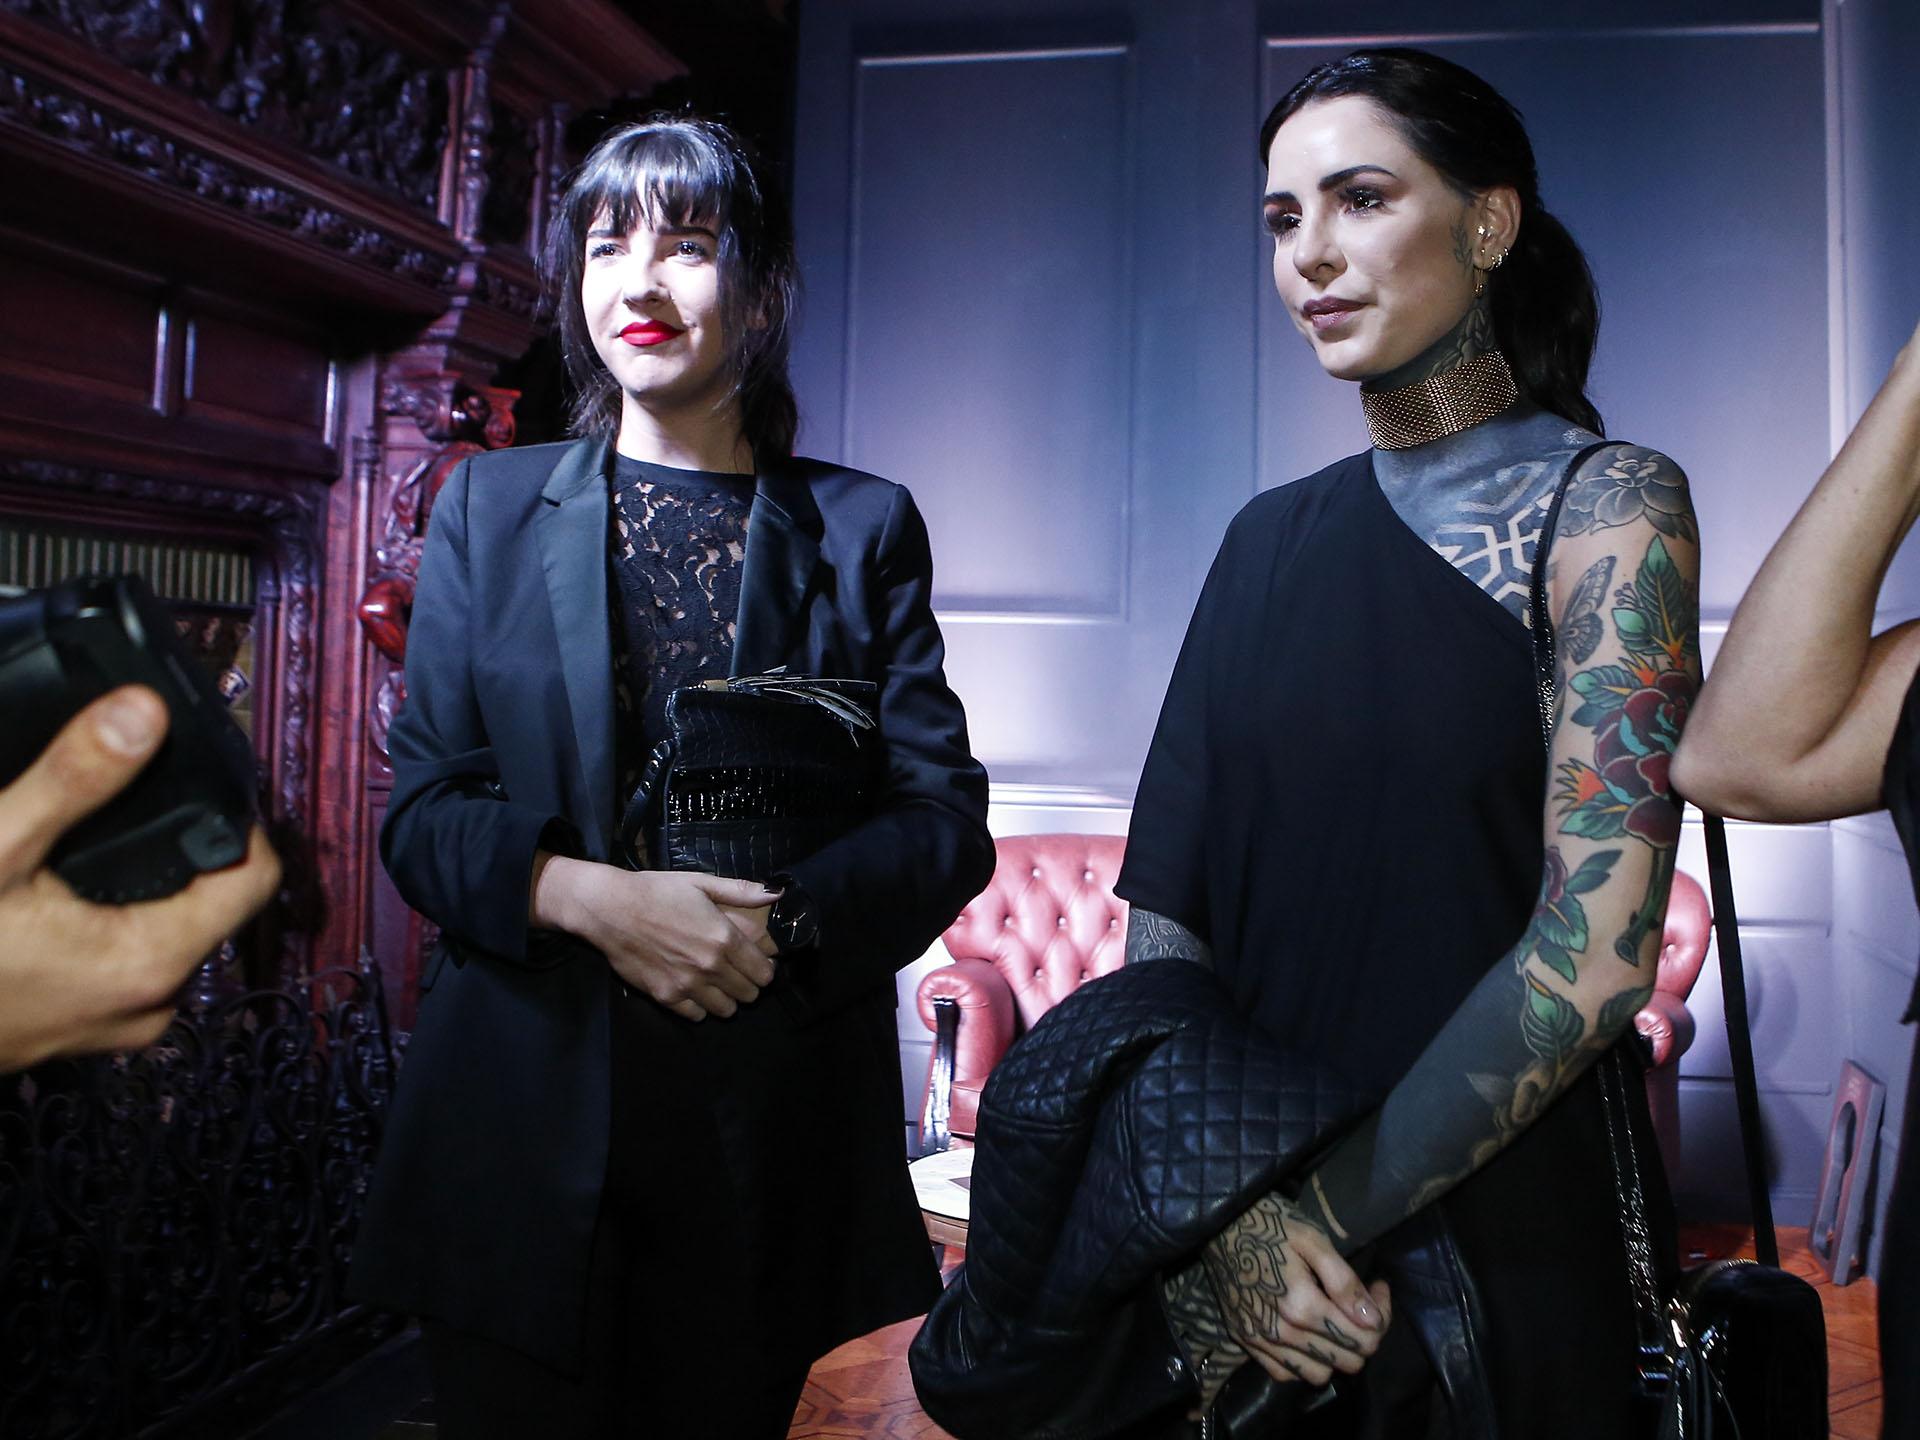 """Importantes celebridades, como Candelaria Tinelli, asistieron a la Temptation Party, luciendo el dress code requerido: """"Elegant Red & Black"""""""